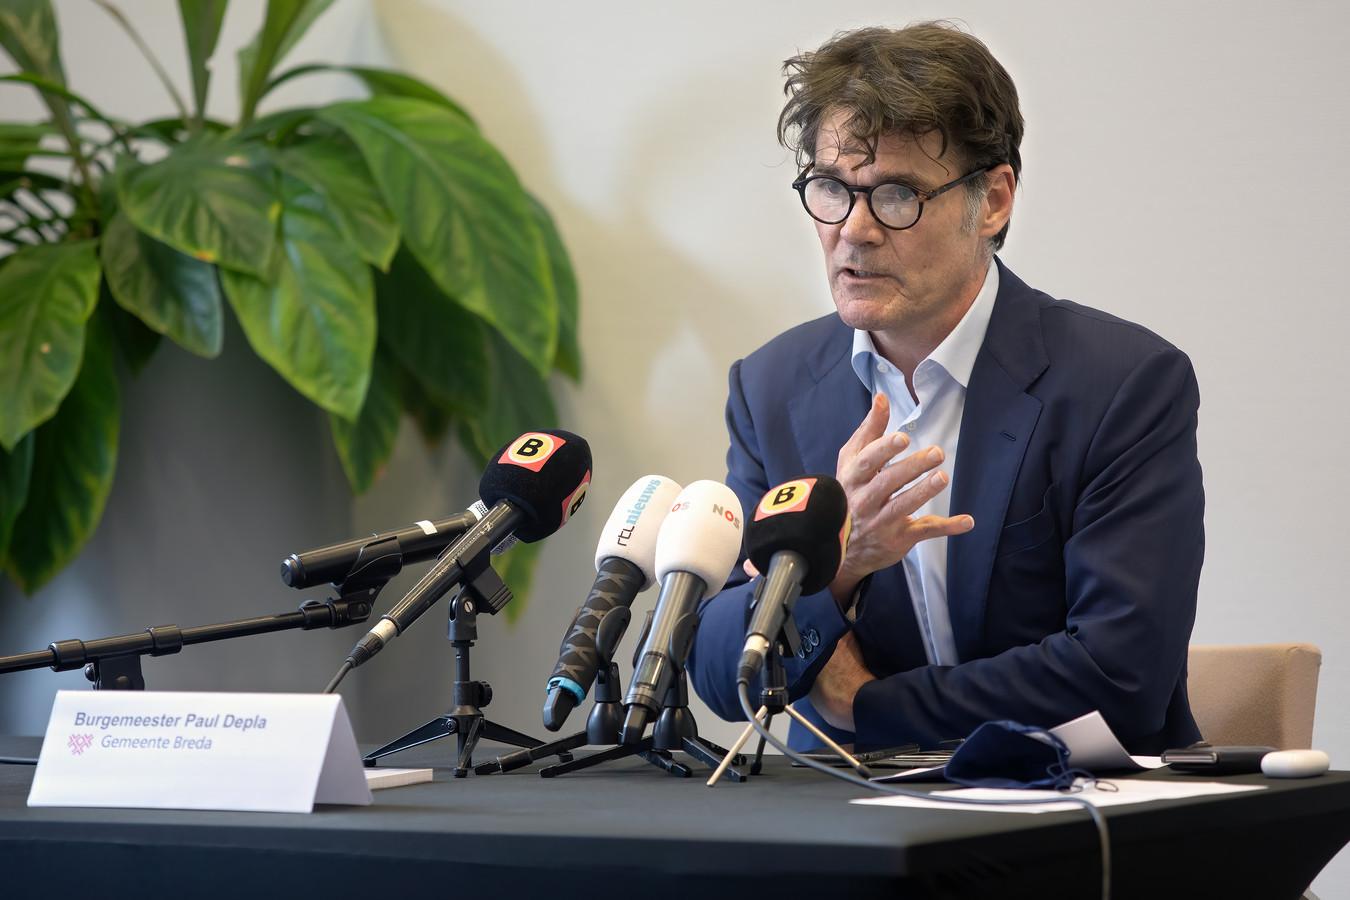 Burgemeester Paul Depla tijdens de persconferentie maandag